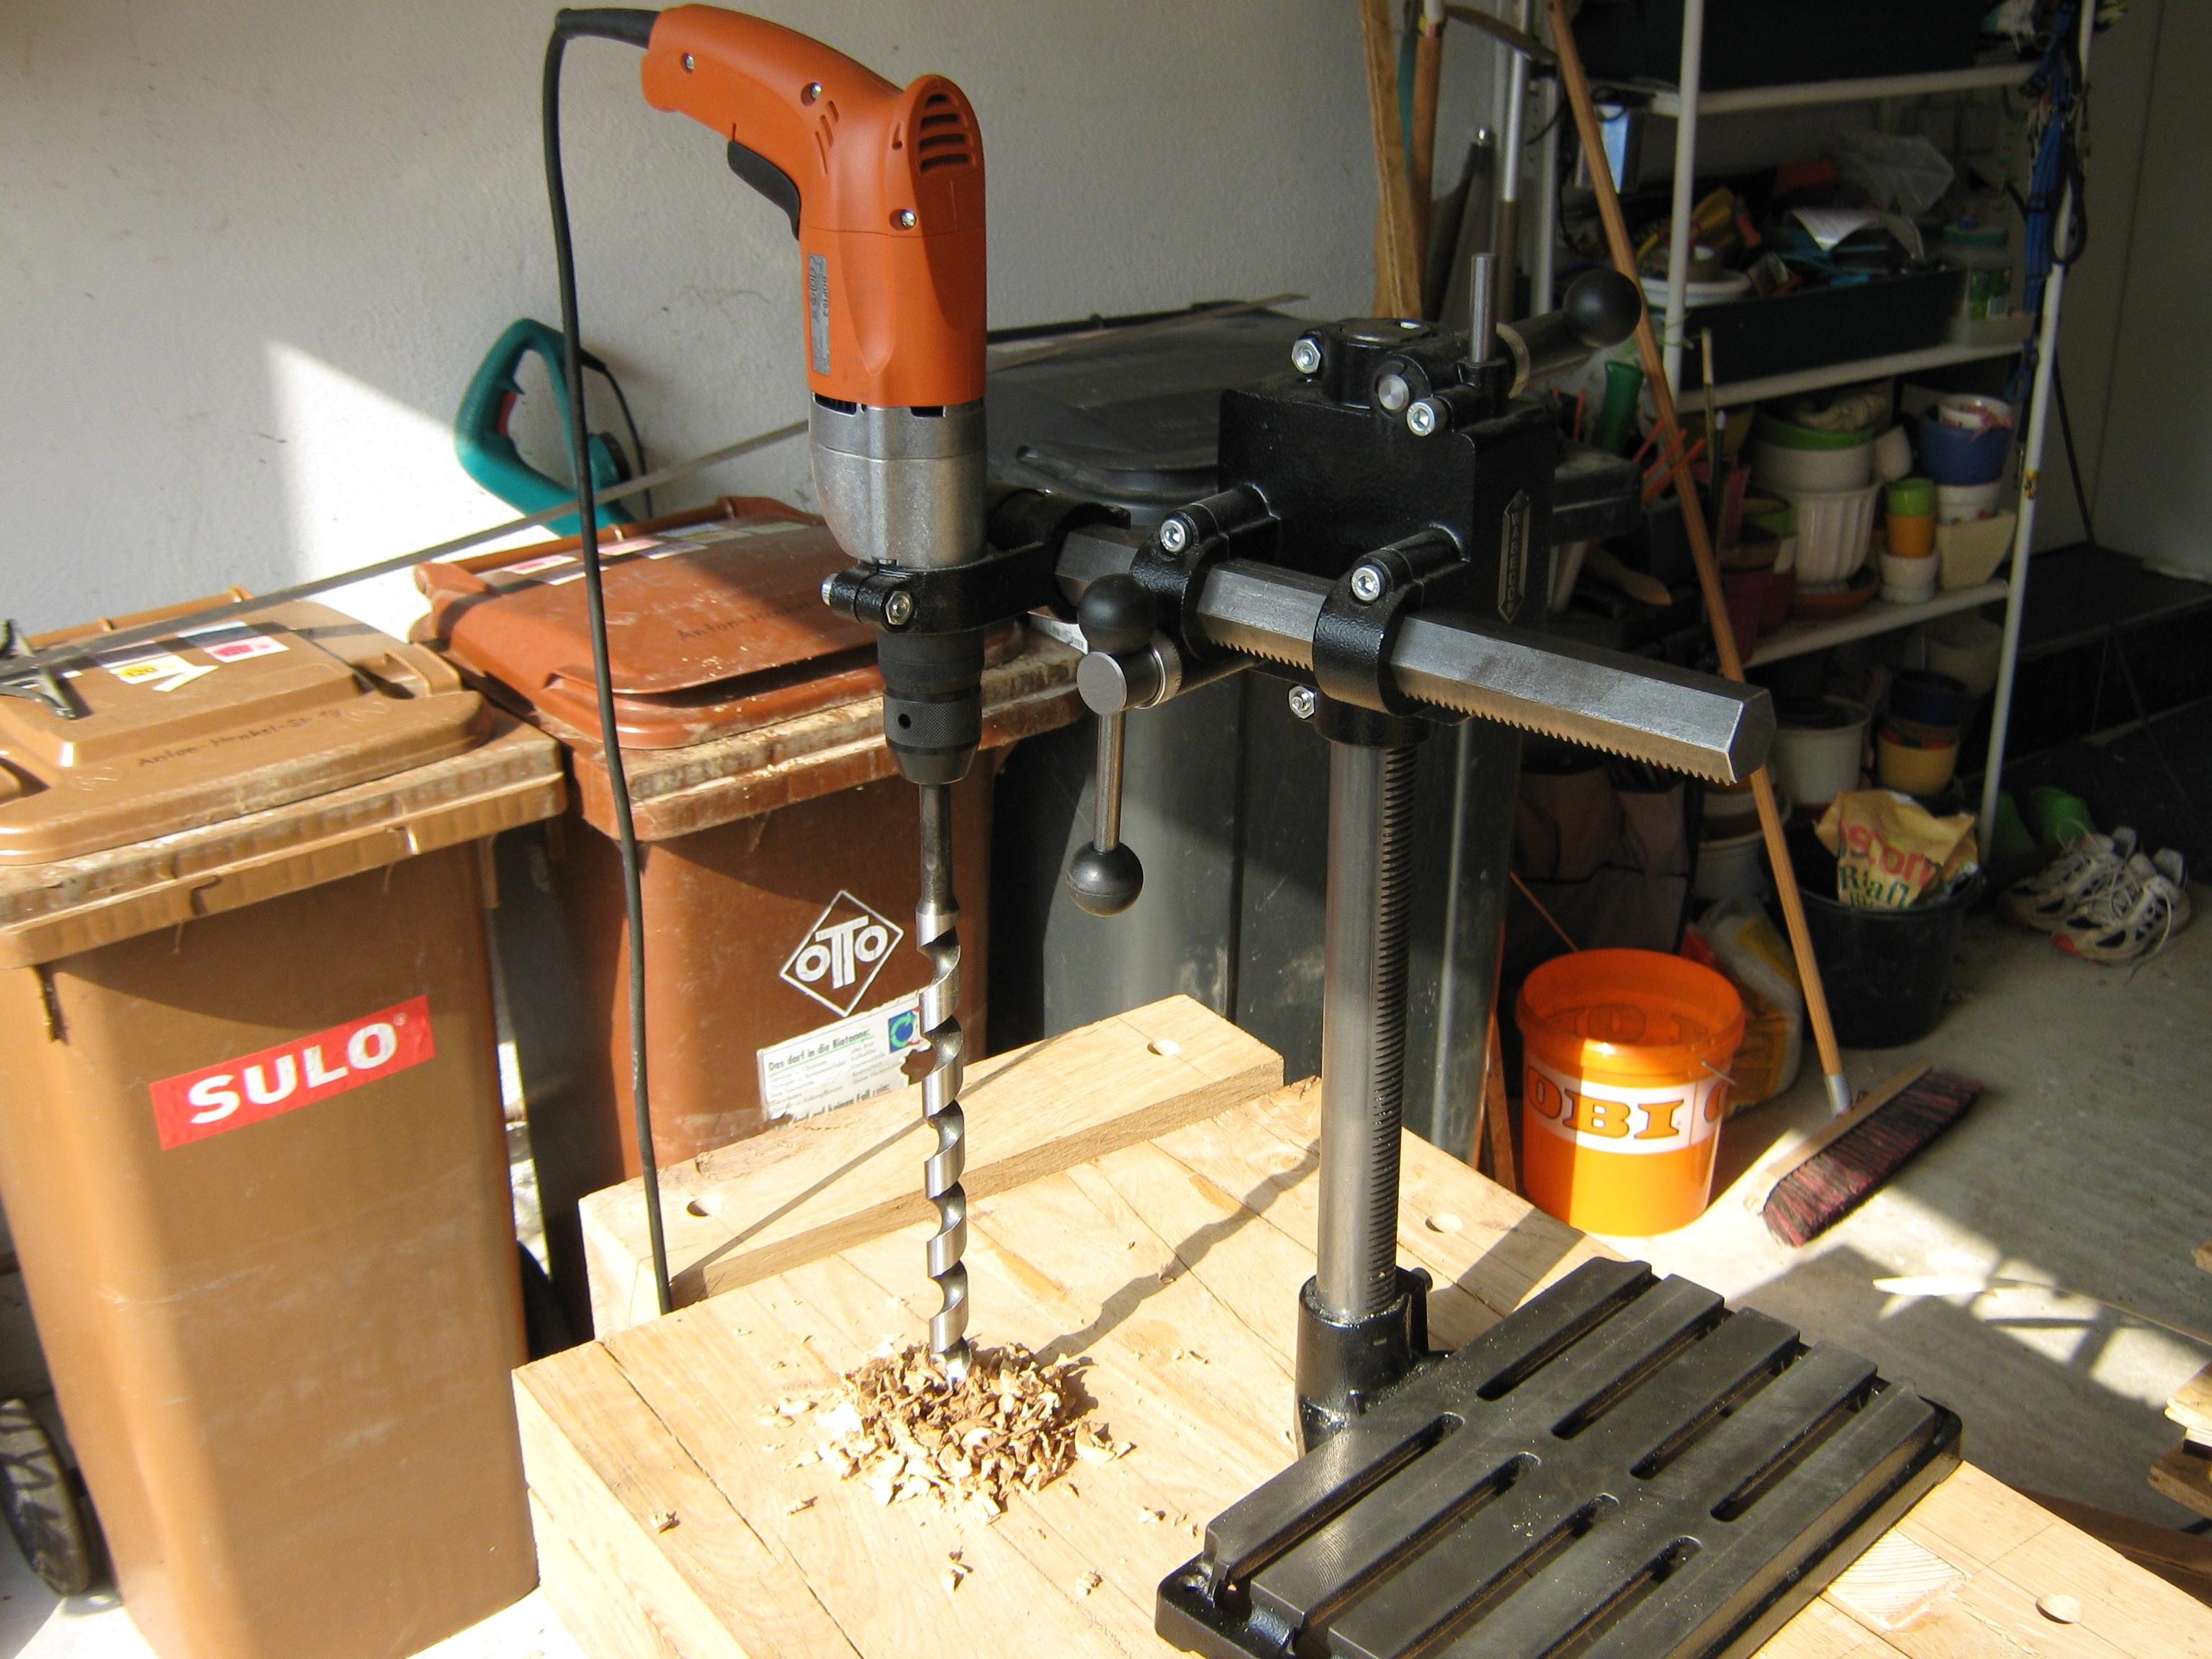 Building a Workbench – Fertigstellung der Hobelbank Teil 2 - Holz ...